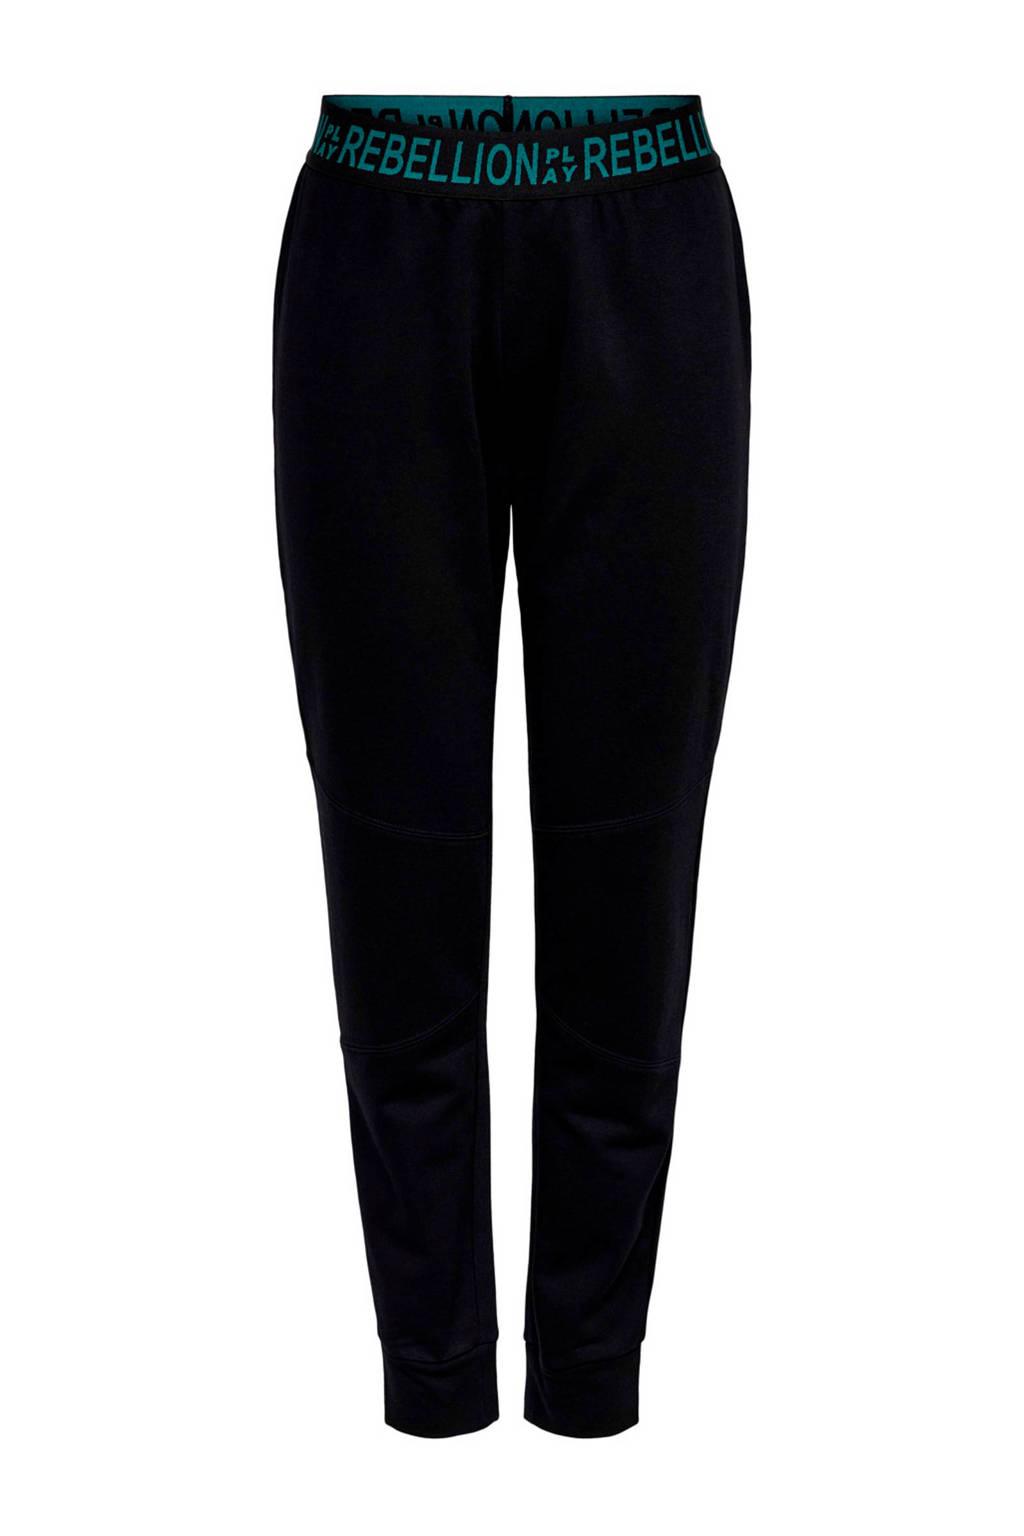 ONLY PLAY regular fit joggingbroek zwart, Zwart